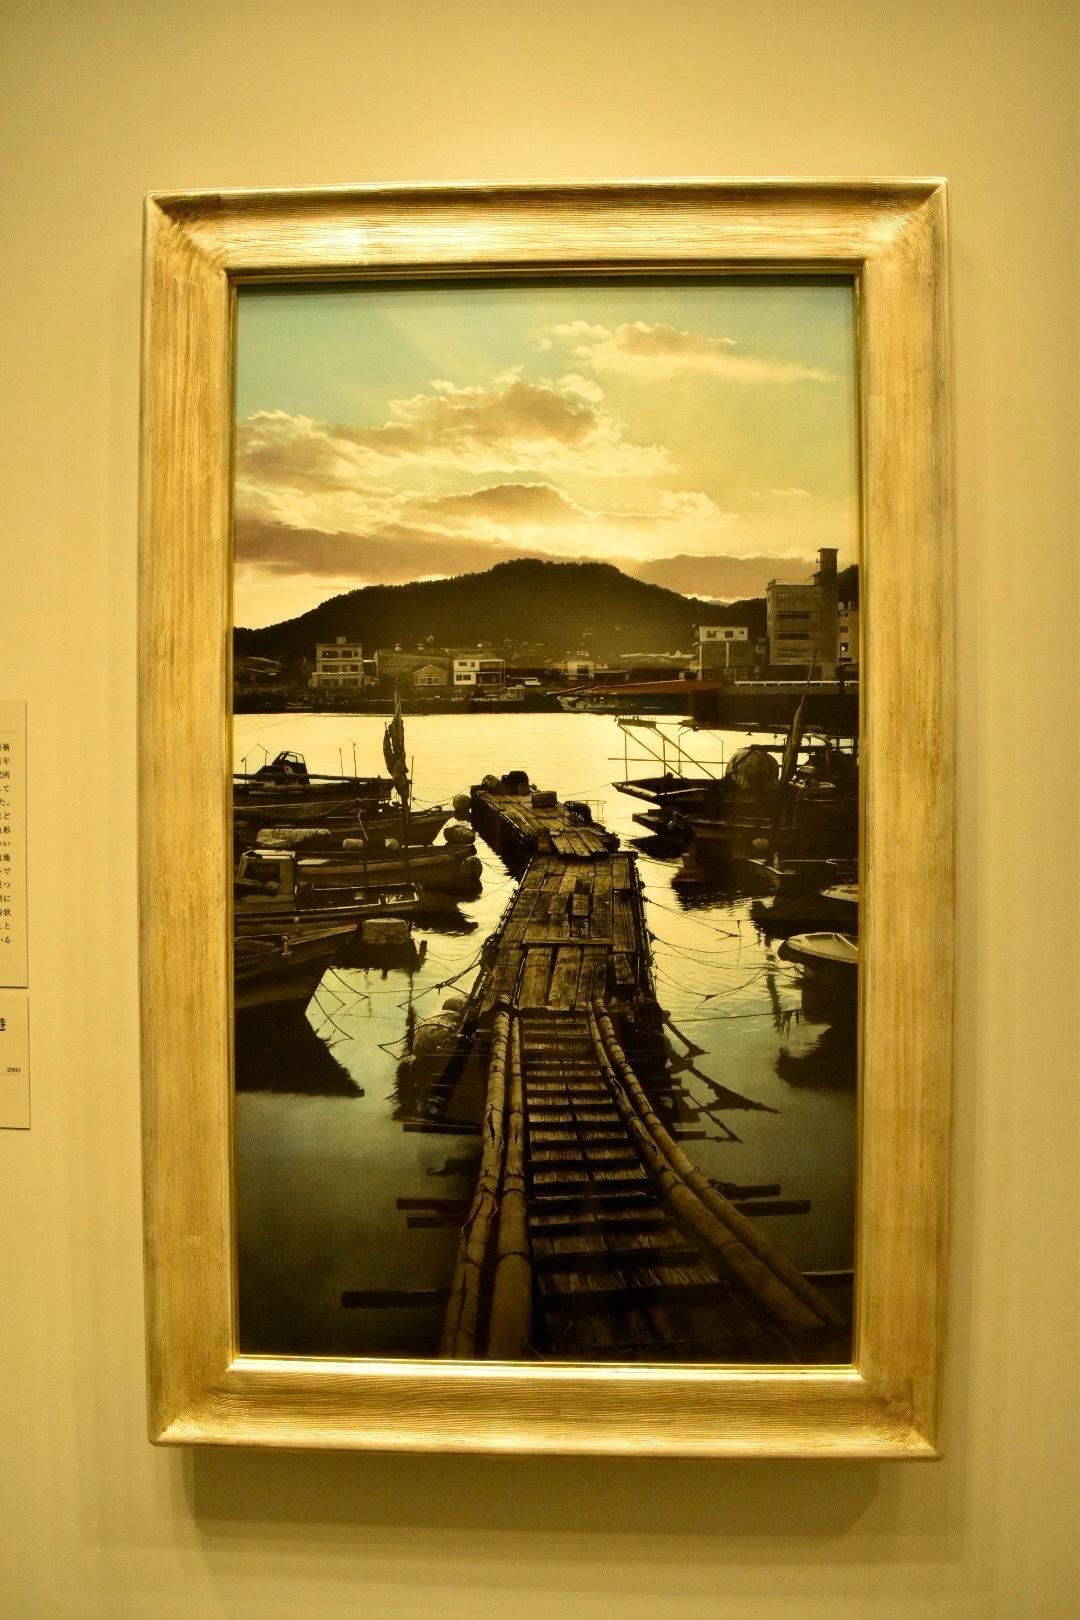 大畑稔浩 《瀬戸内海風景−川尻港》 2003年